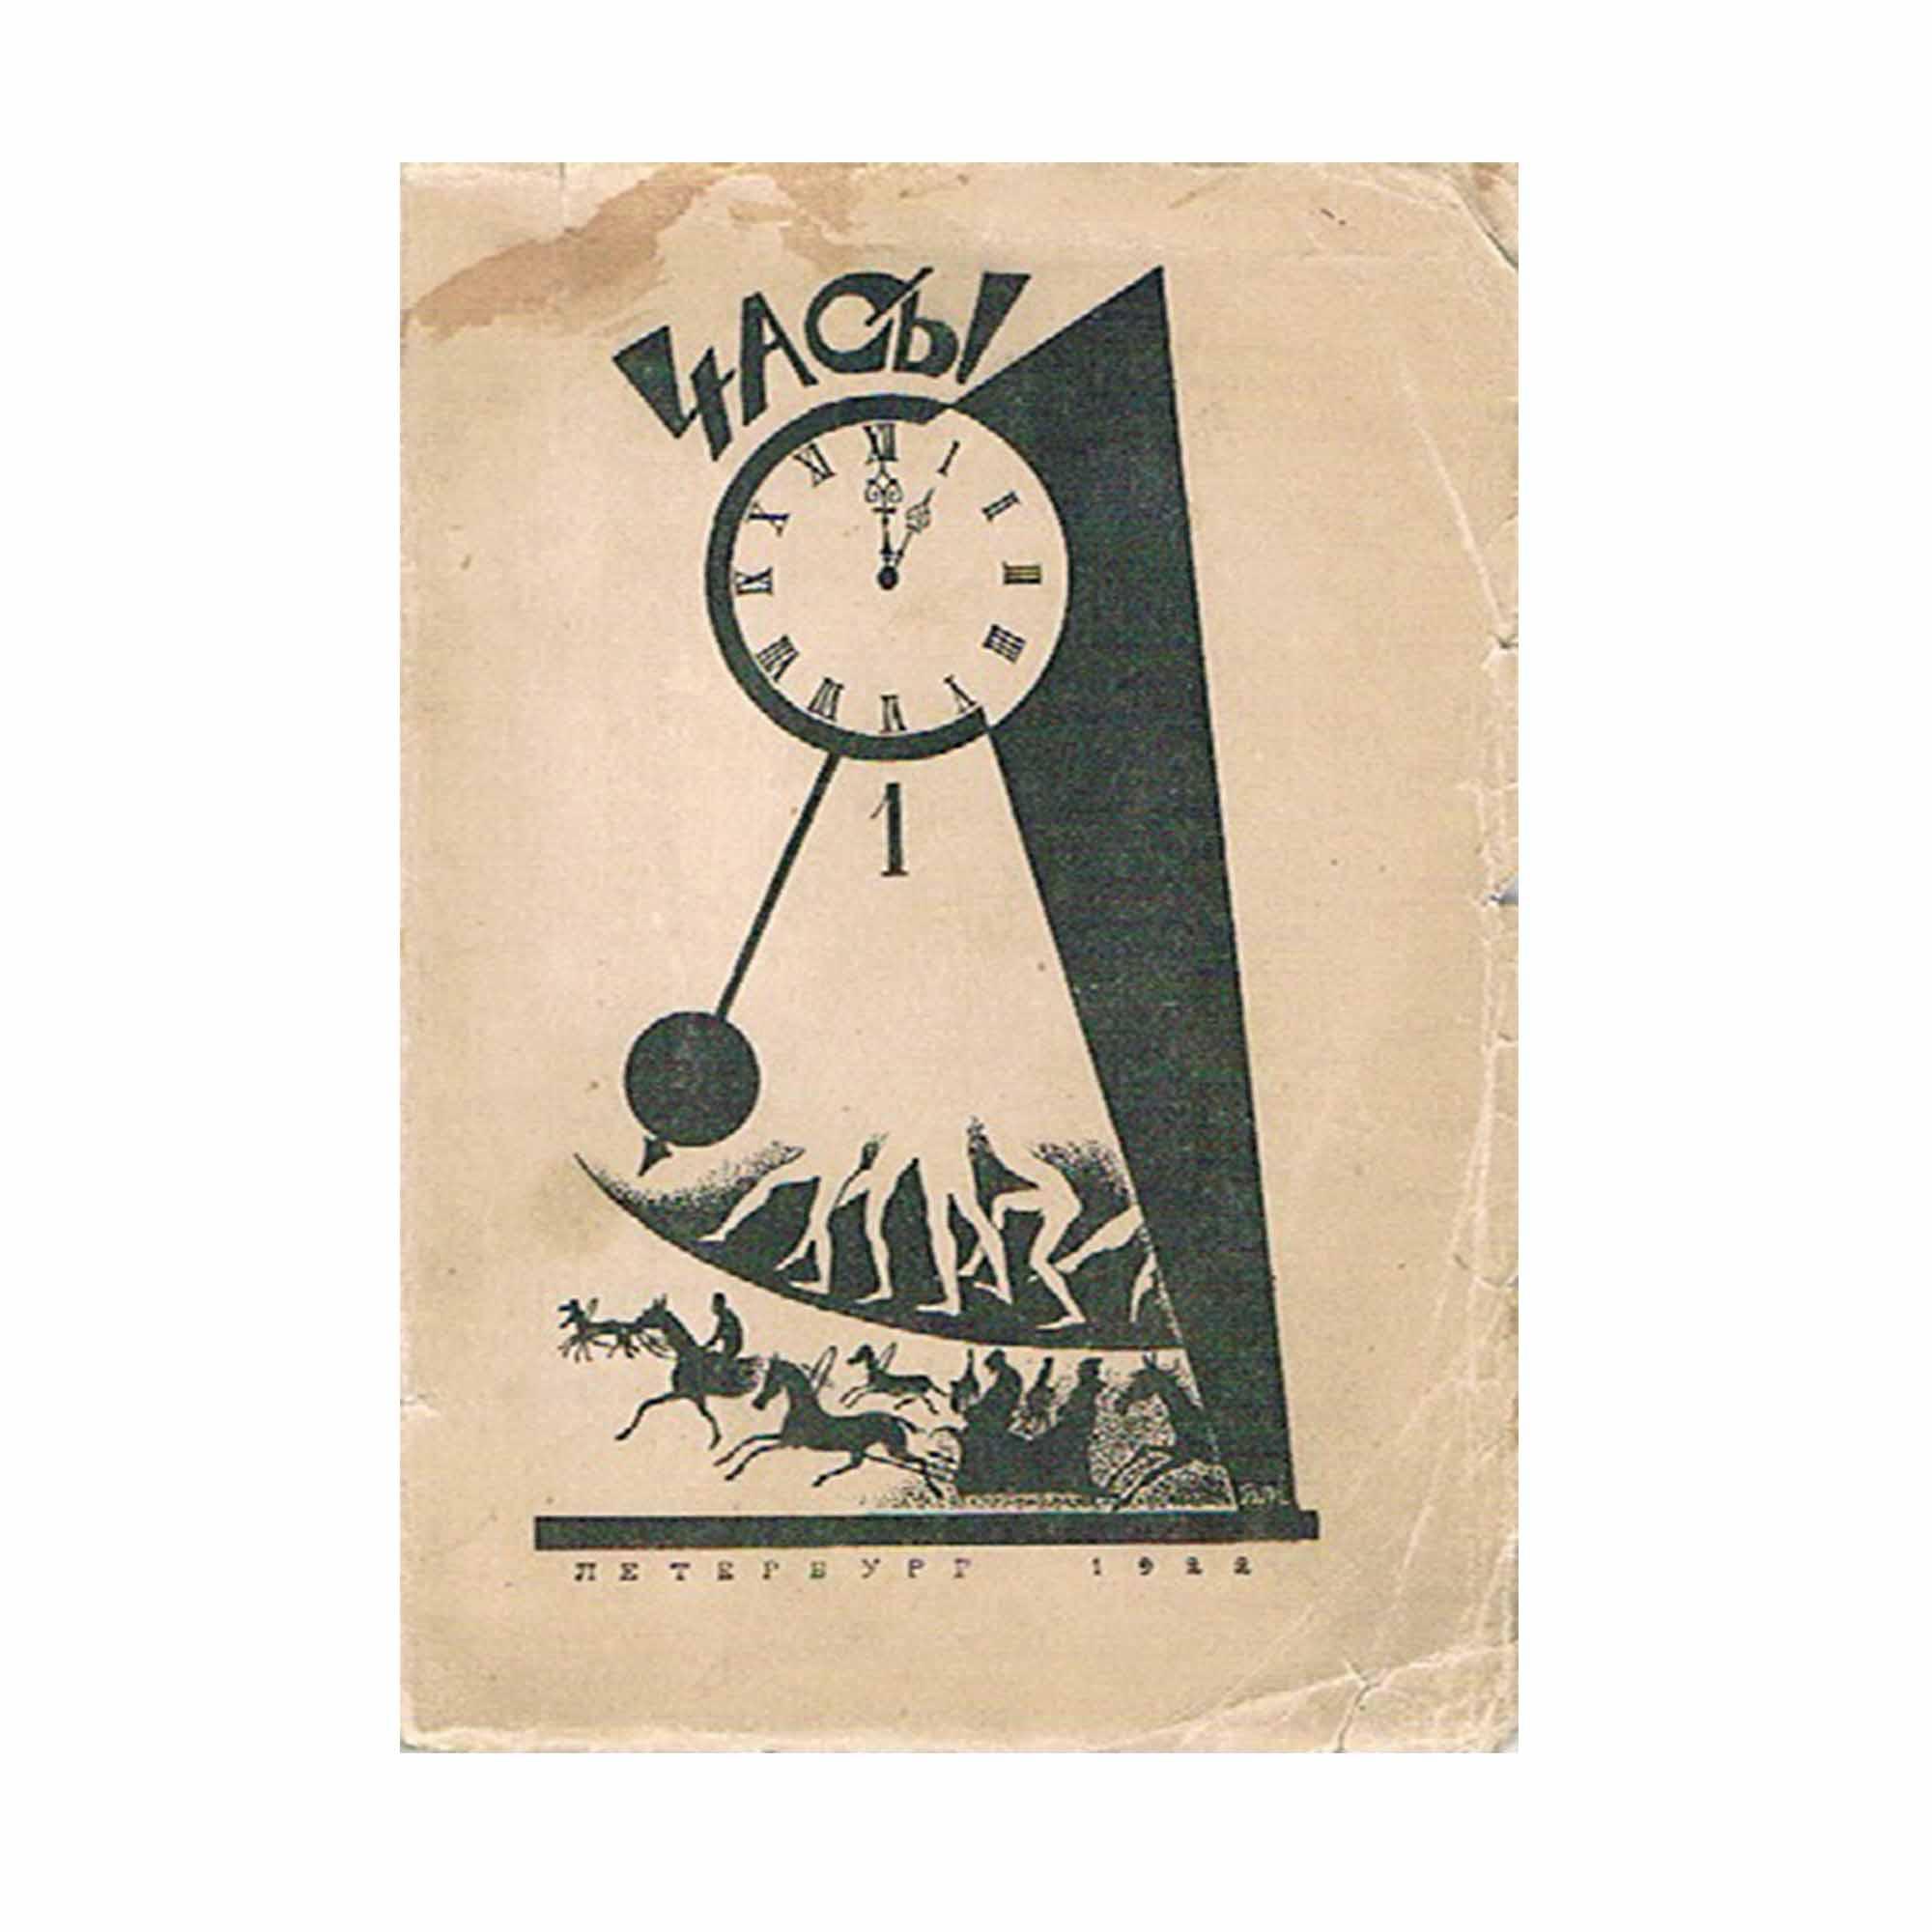 1339-Chasy-Futuristische-Anthologie-1922-1-N.jpeg